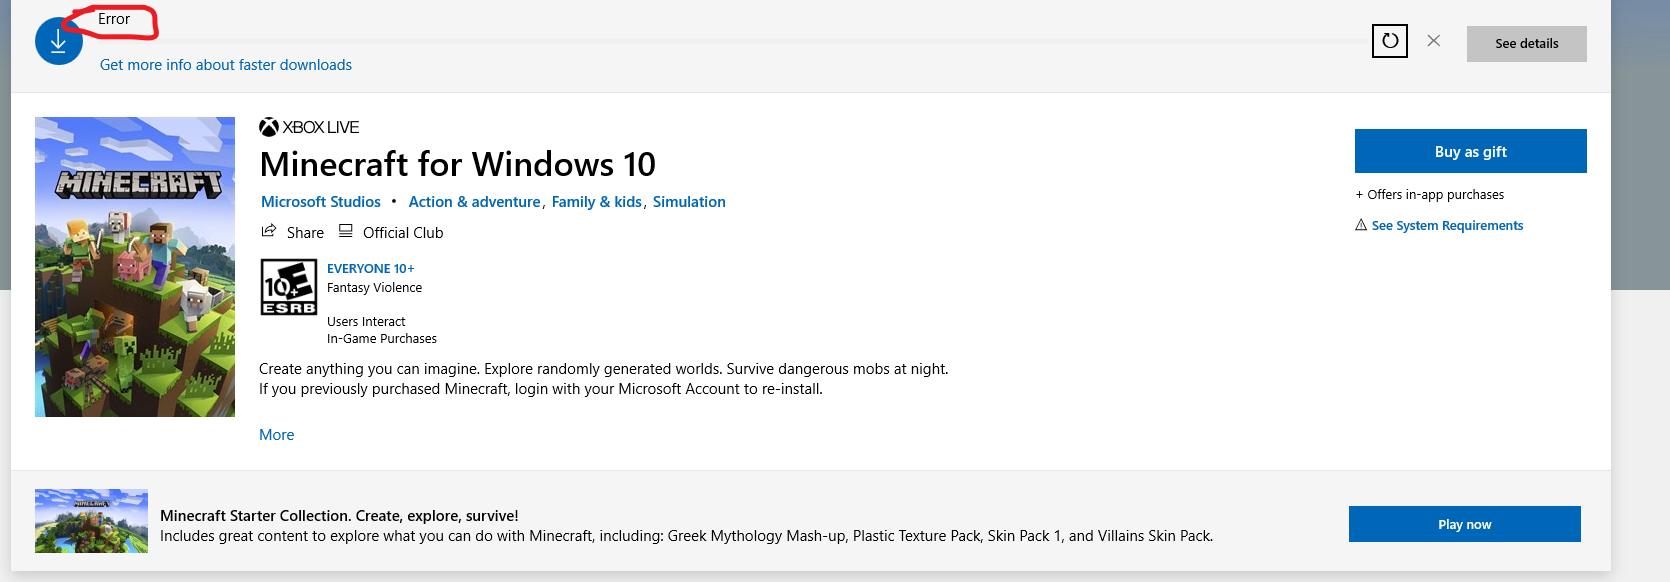 Cant Install Minecraft Windows 10 but I own it 0f66a380-02f0-484a-a0b5-5f4849849ec8?upload=true.png